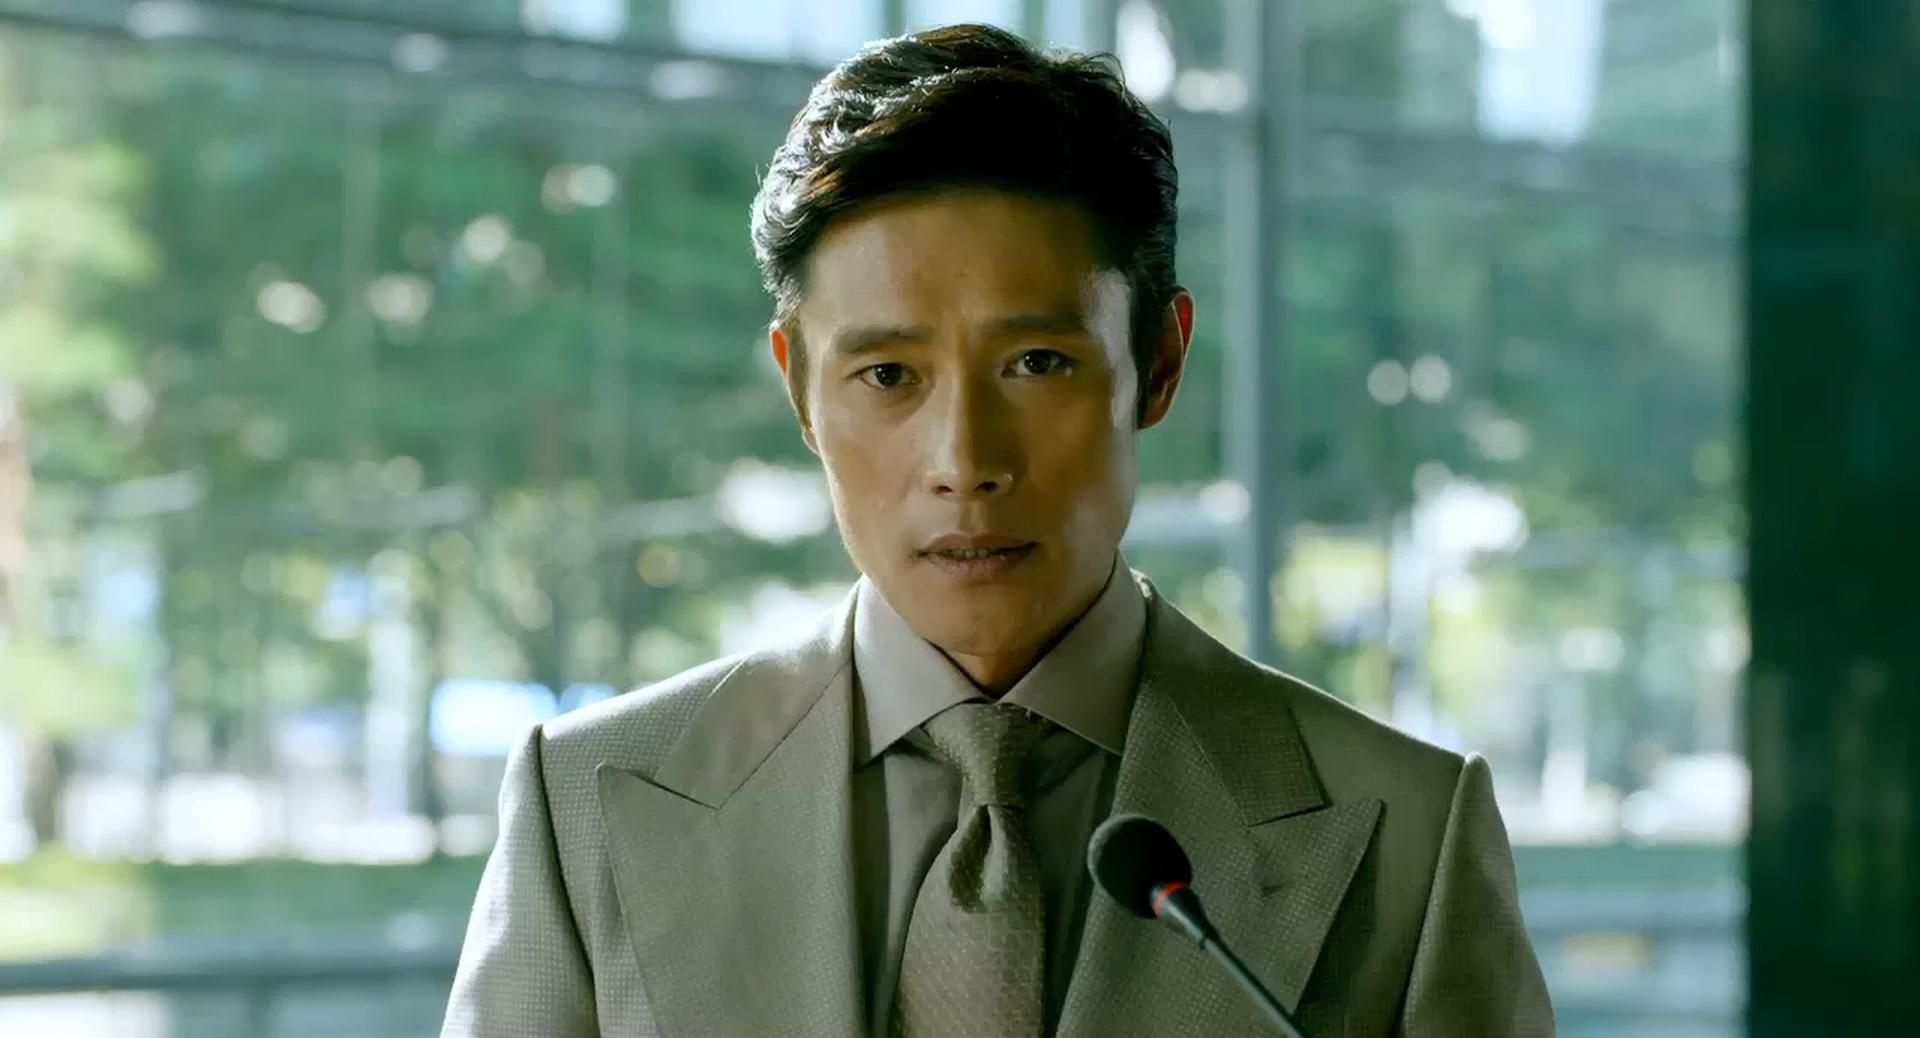 韩国将翻拍Netflix神剧《纸钞屋》,网友认为这两人适合出演教授插图1